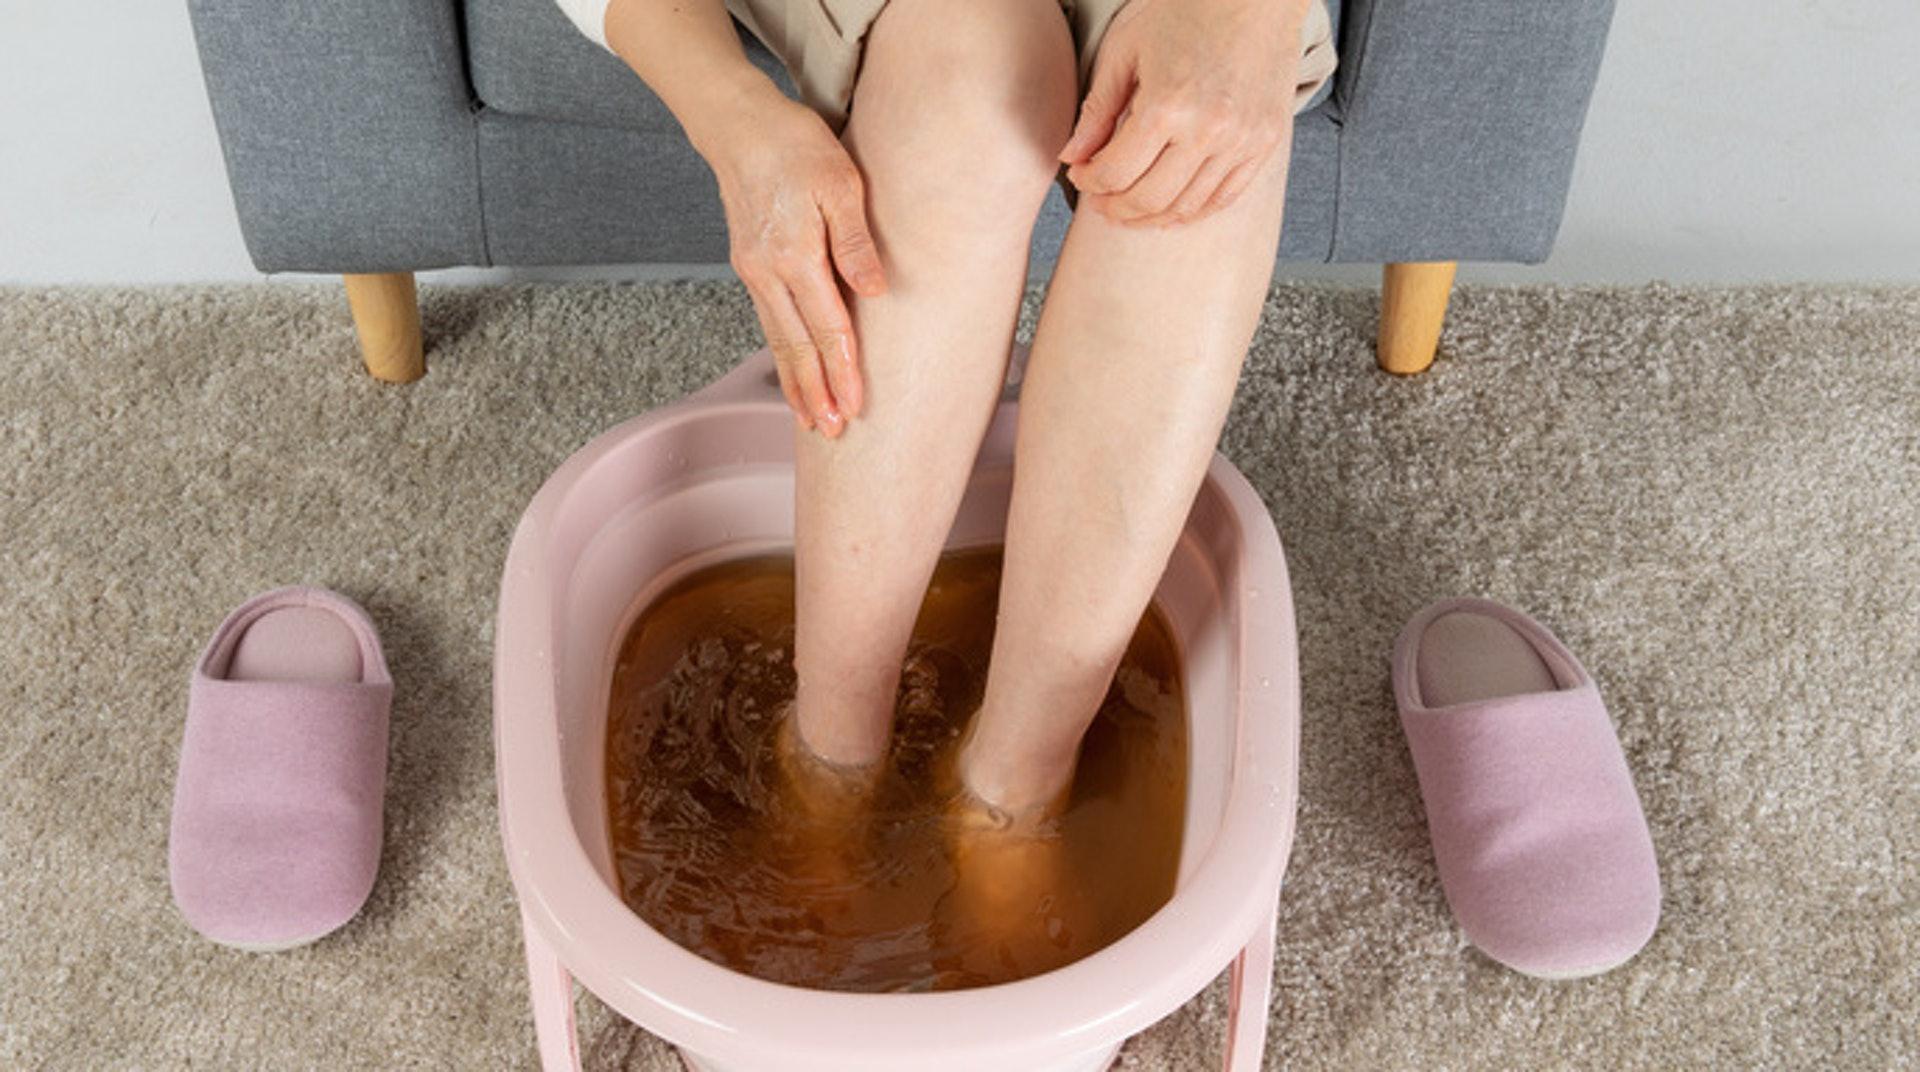 「白露身不露,寒露腳不露」,寒露後的養生重點之一便是足部保暖。熱水泡腳有助促進足部血液循環,驅寒功效顯著。(圖片:wsjkw)